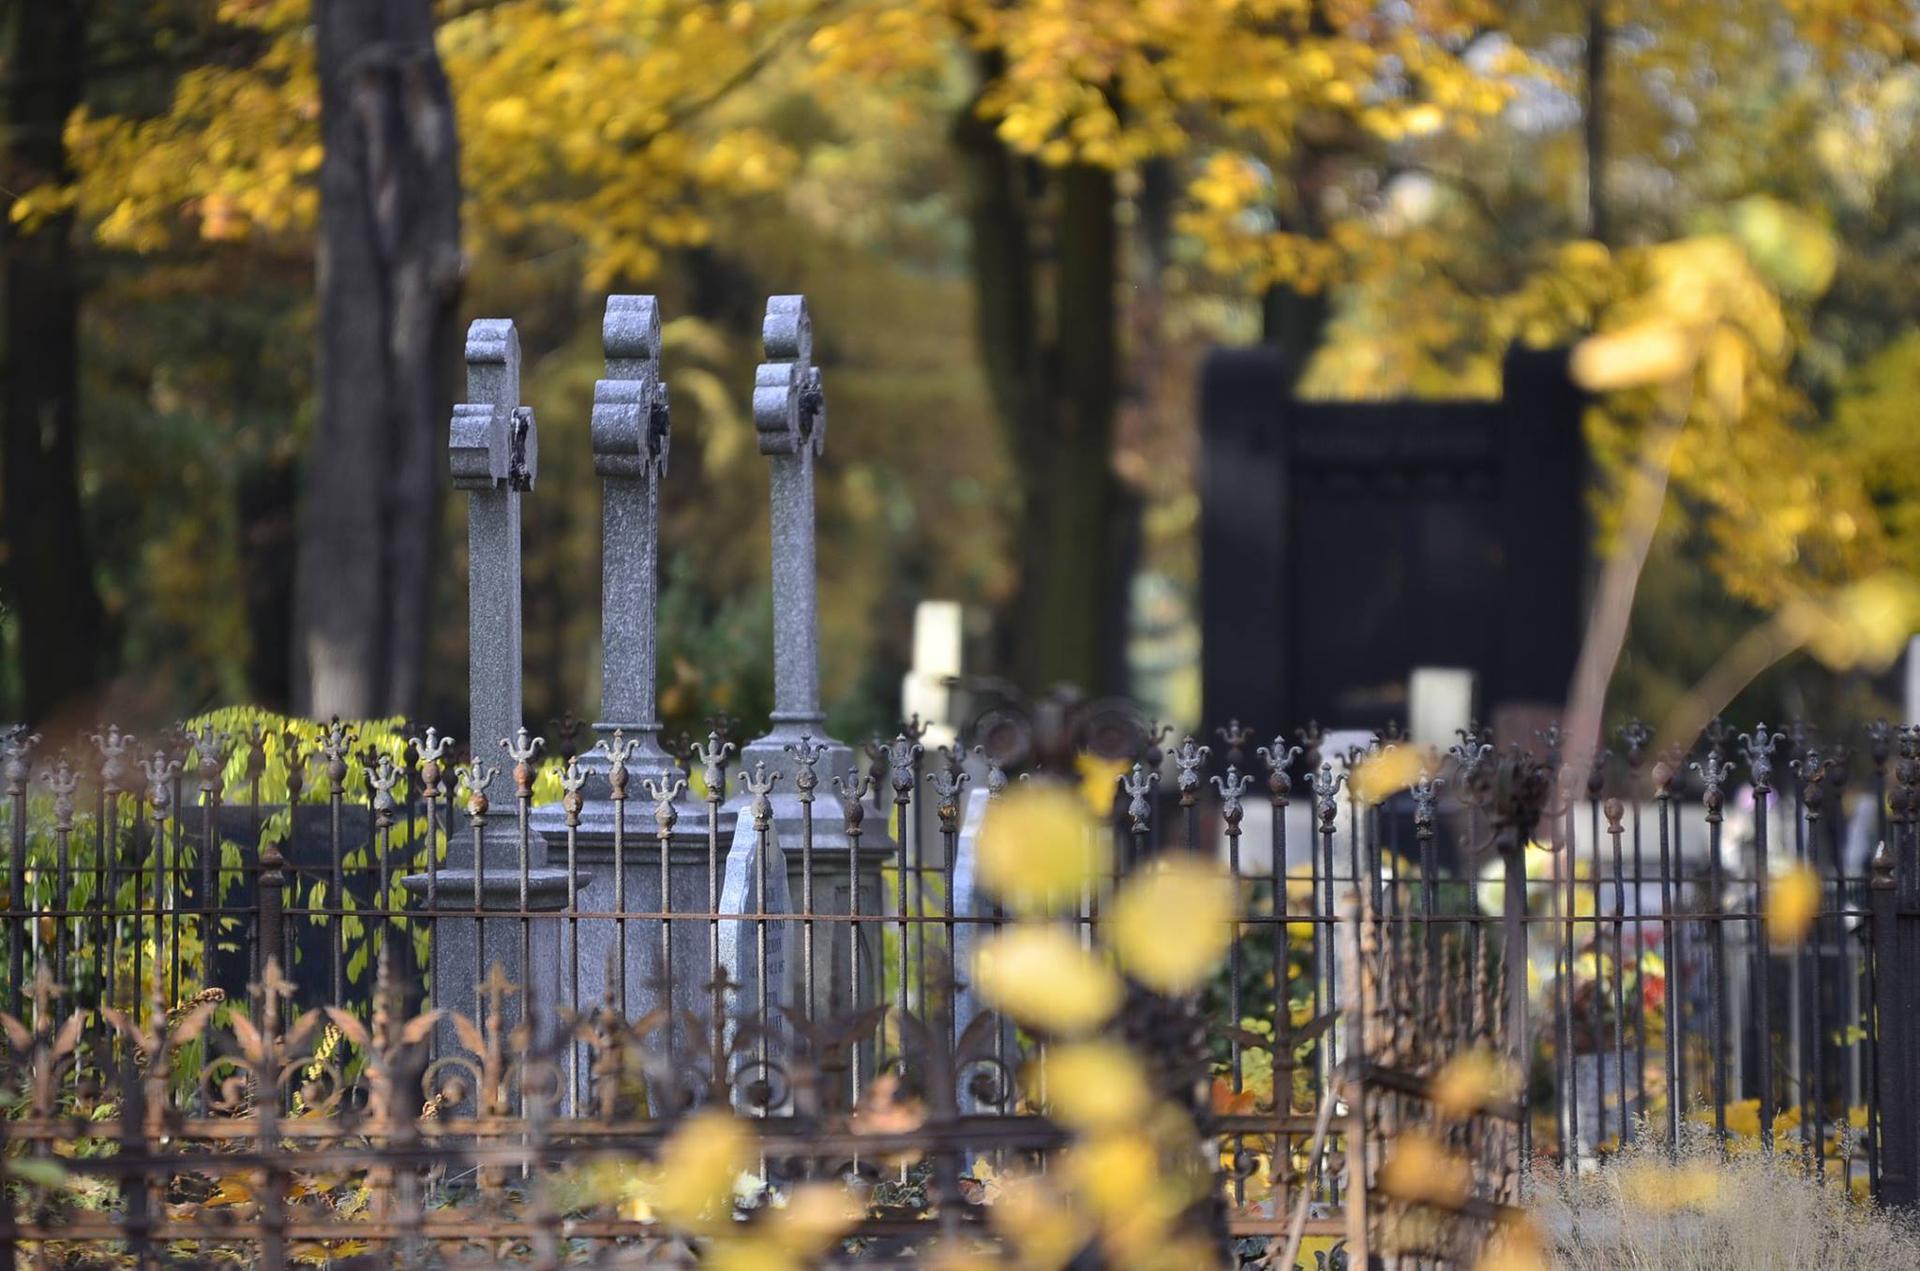 Cmentarze we Wrocławiu zamknięte. W święta nie odwiedzimy grobów swoich bliskich - Super Express